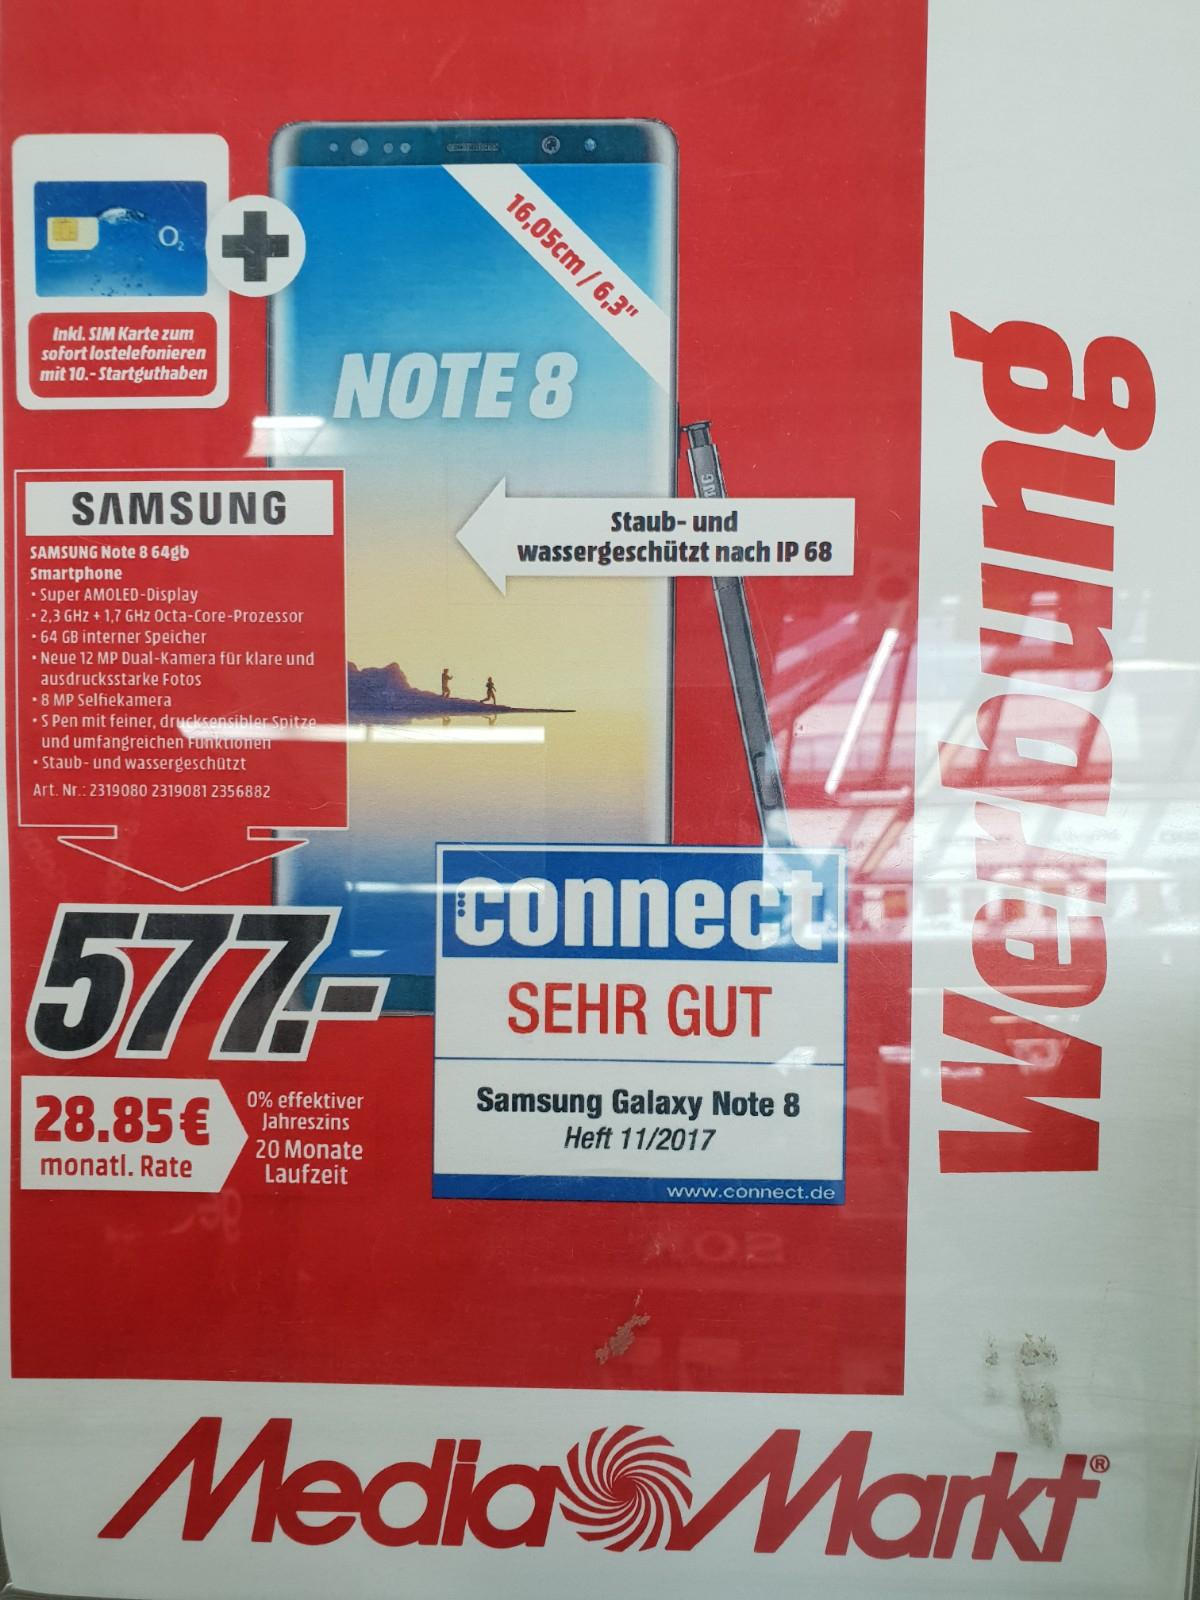 [Lokal MediaMarkt HD Hebelstr.] Samsung Galaxy Note 8 (Maple Gold) für 467 Euro [SM-N950F Note8] - durch die Samsung/MM-Aktion noch günstiger geworden